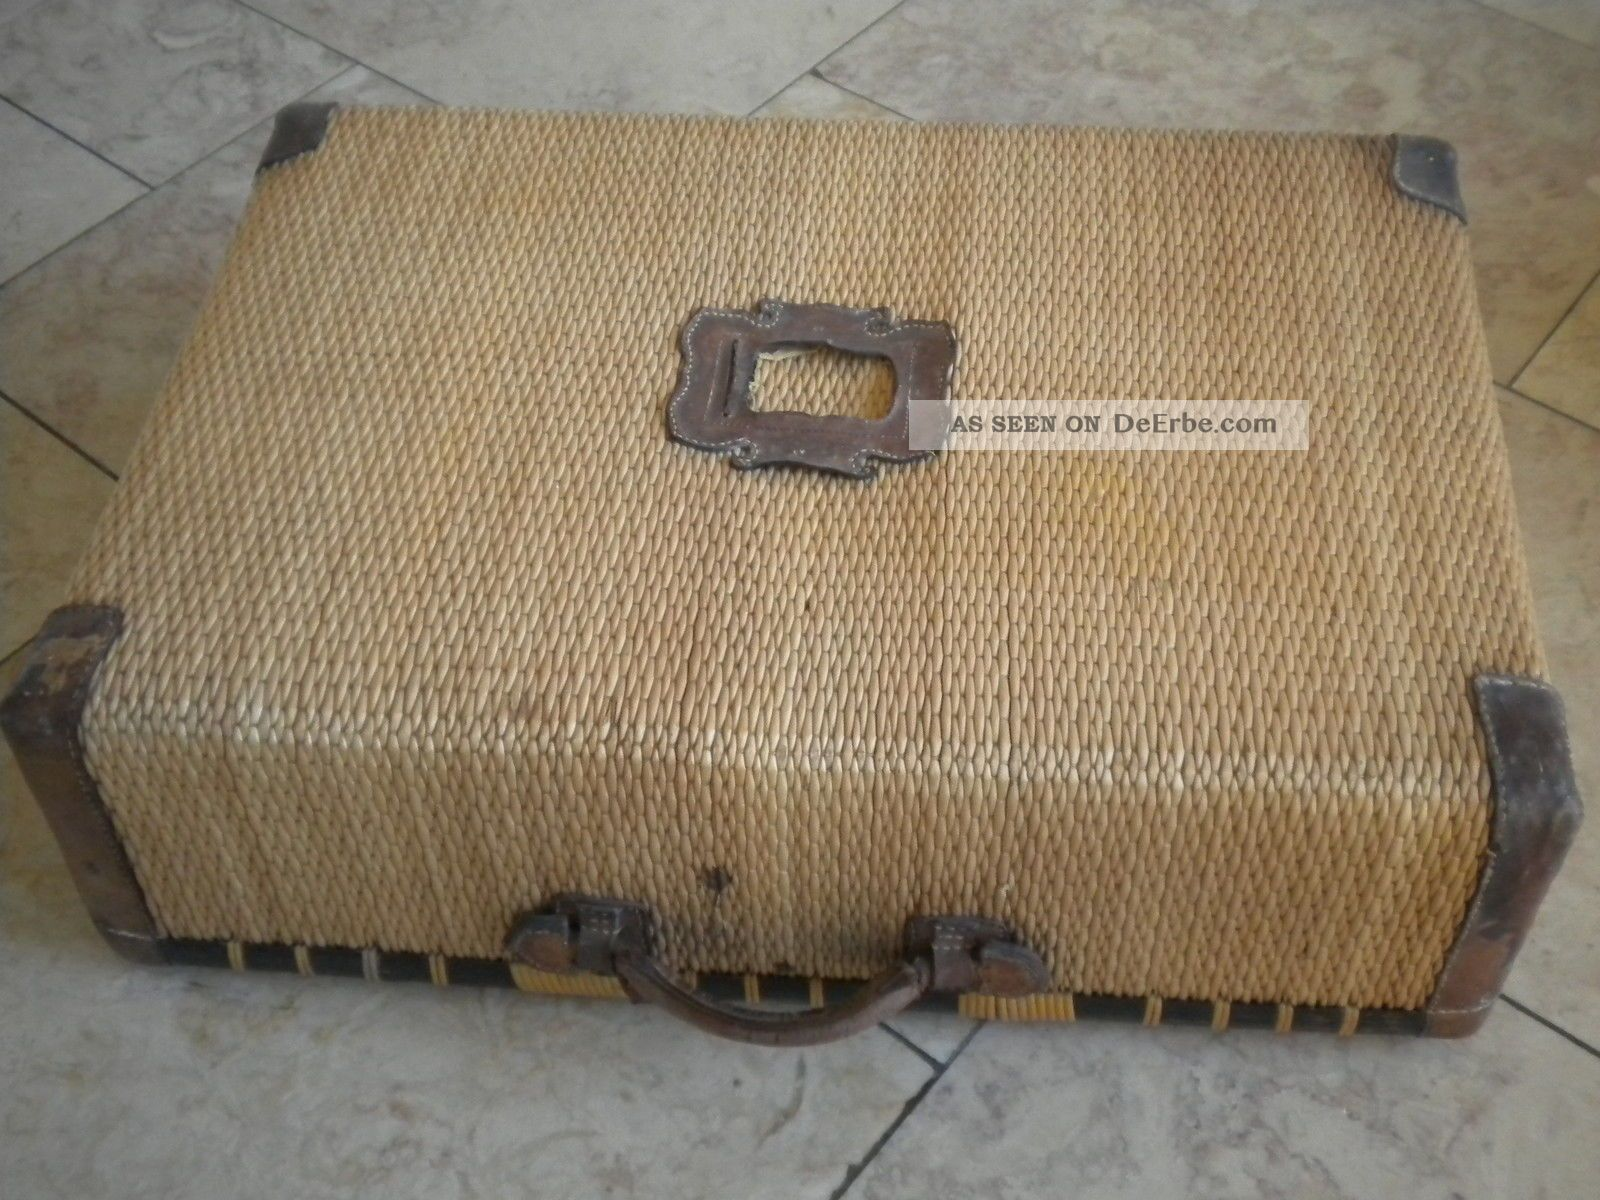 Schöner Großer Koffer,  Überseekoffer,  Korbkoffer,  Korb,  Leder,  Antik,  Alt Accessoires Bild